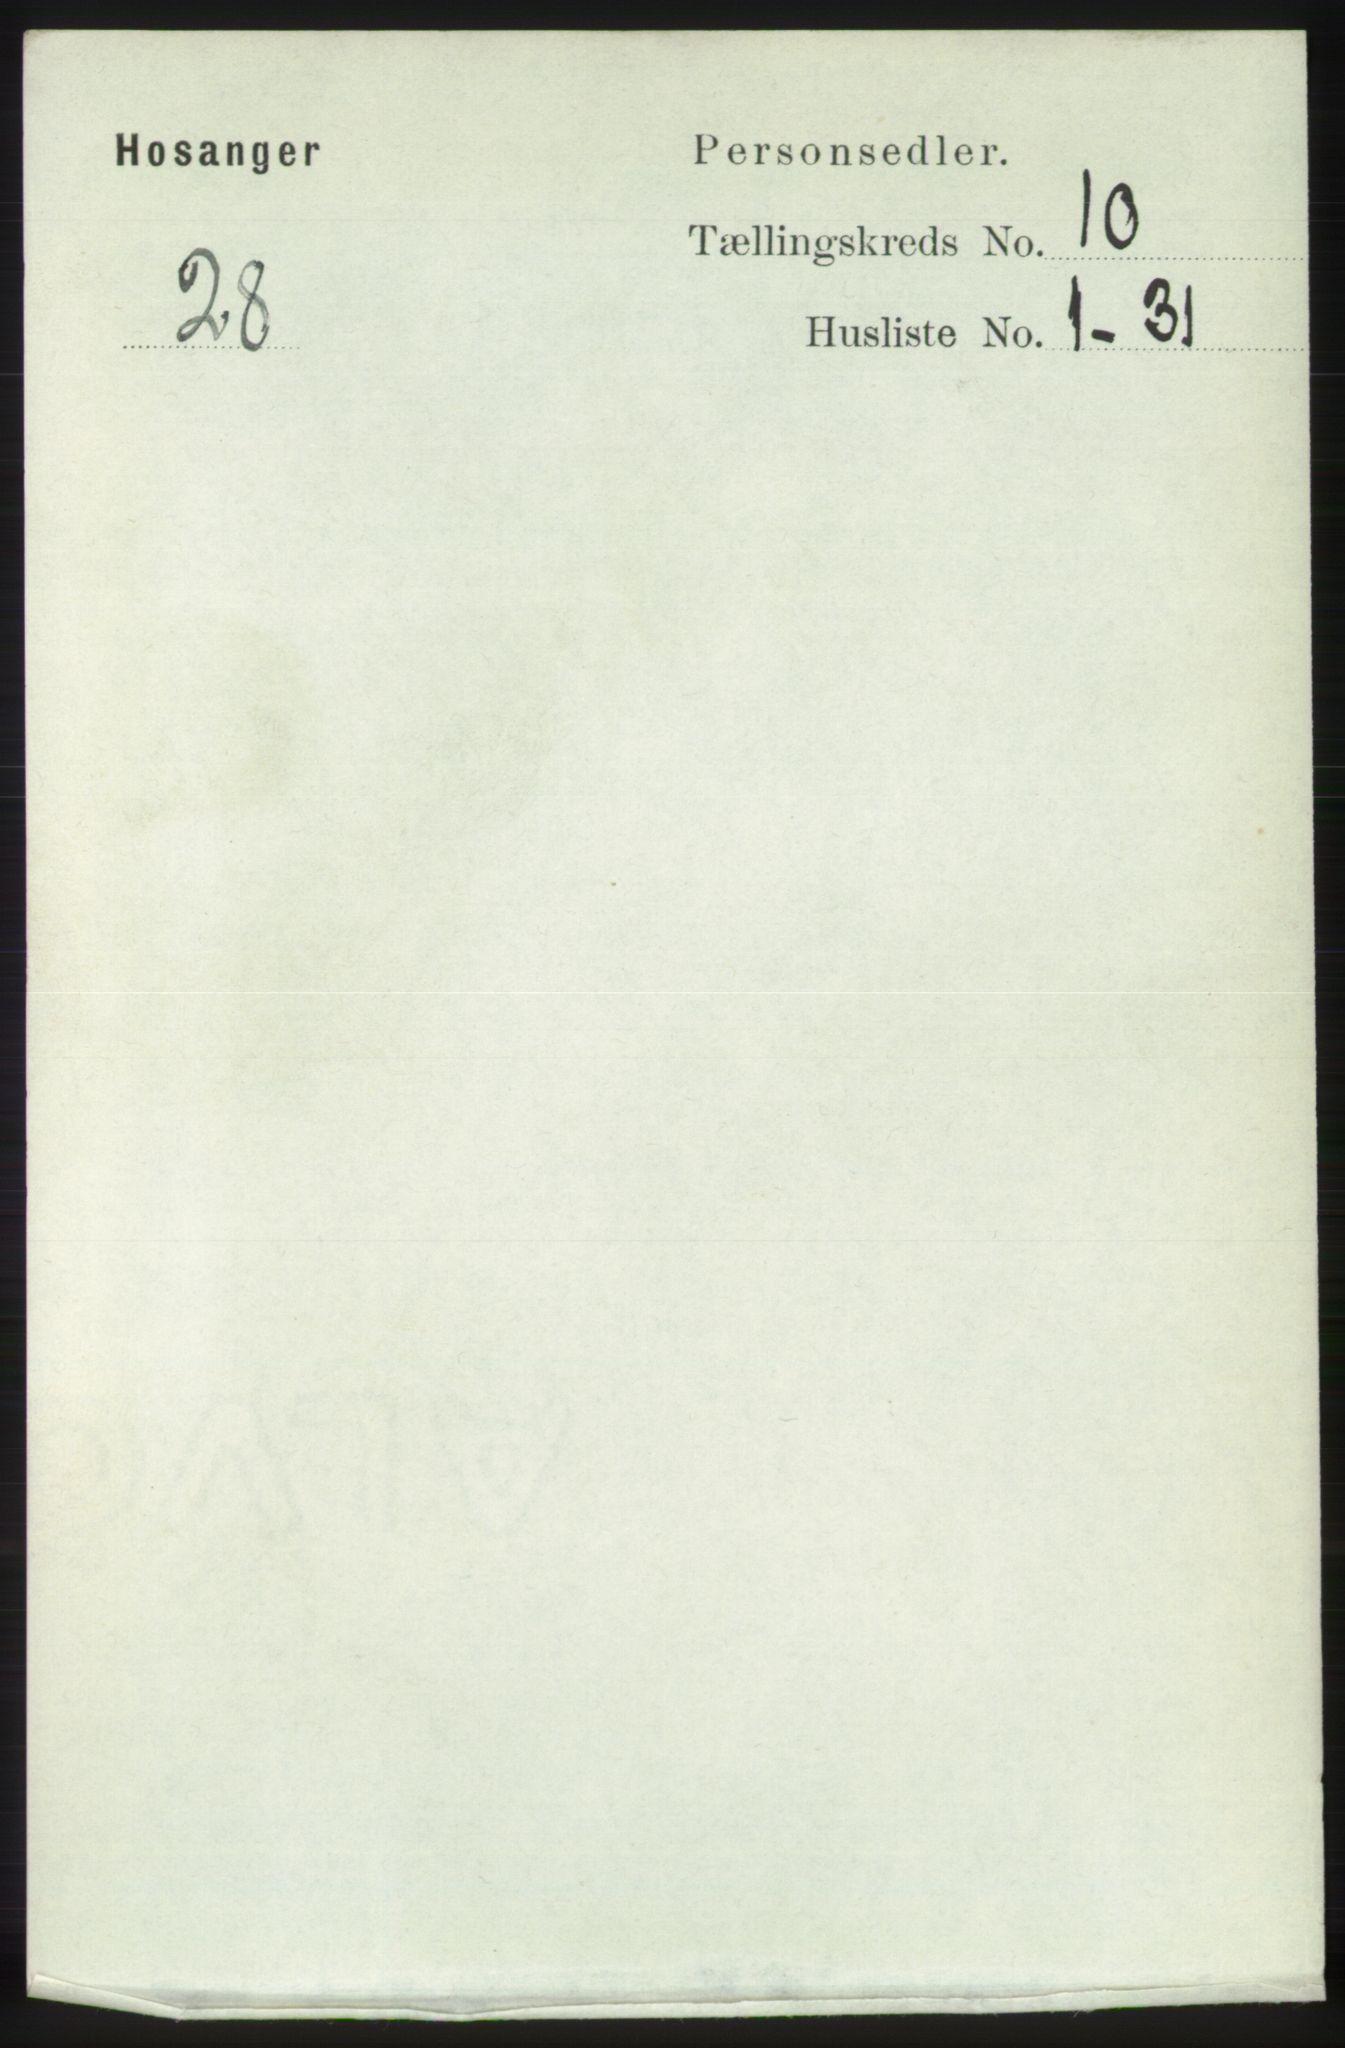 RA, Folketelling 1891 for 1253 Hosanger herred, 1891, s. 3457